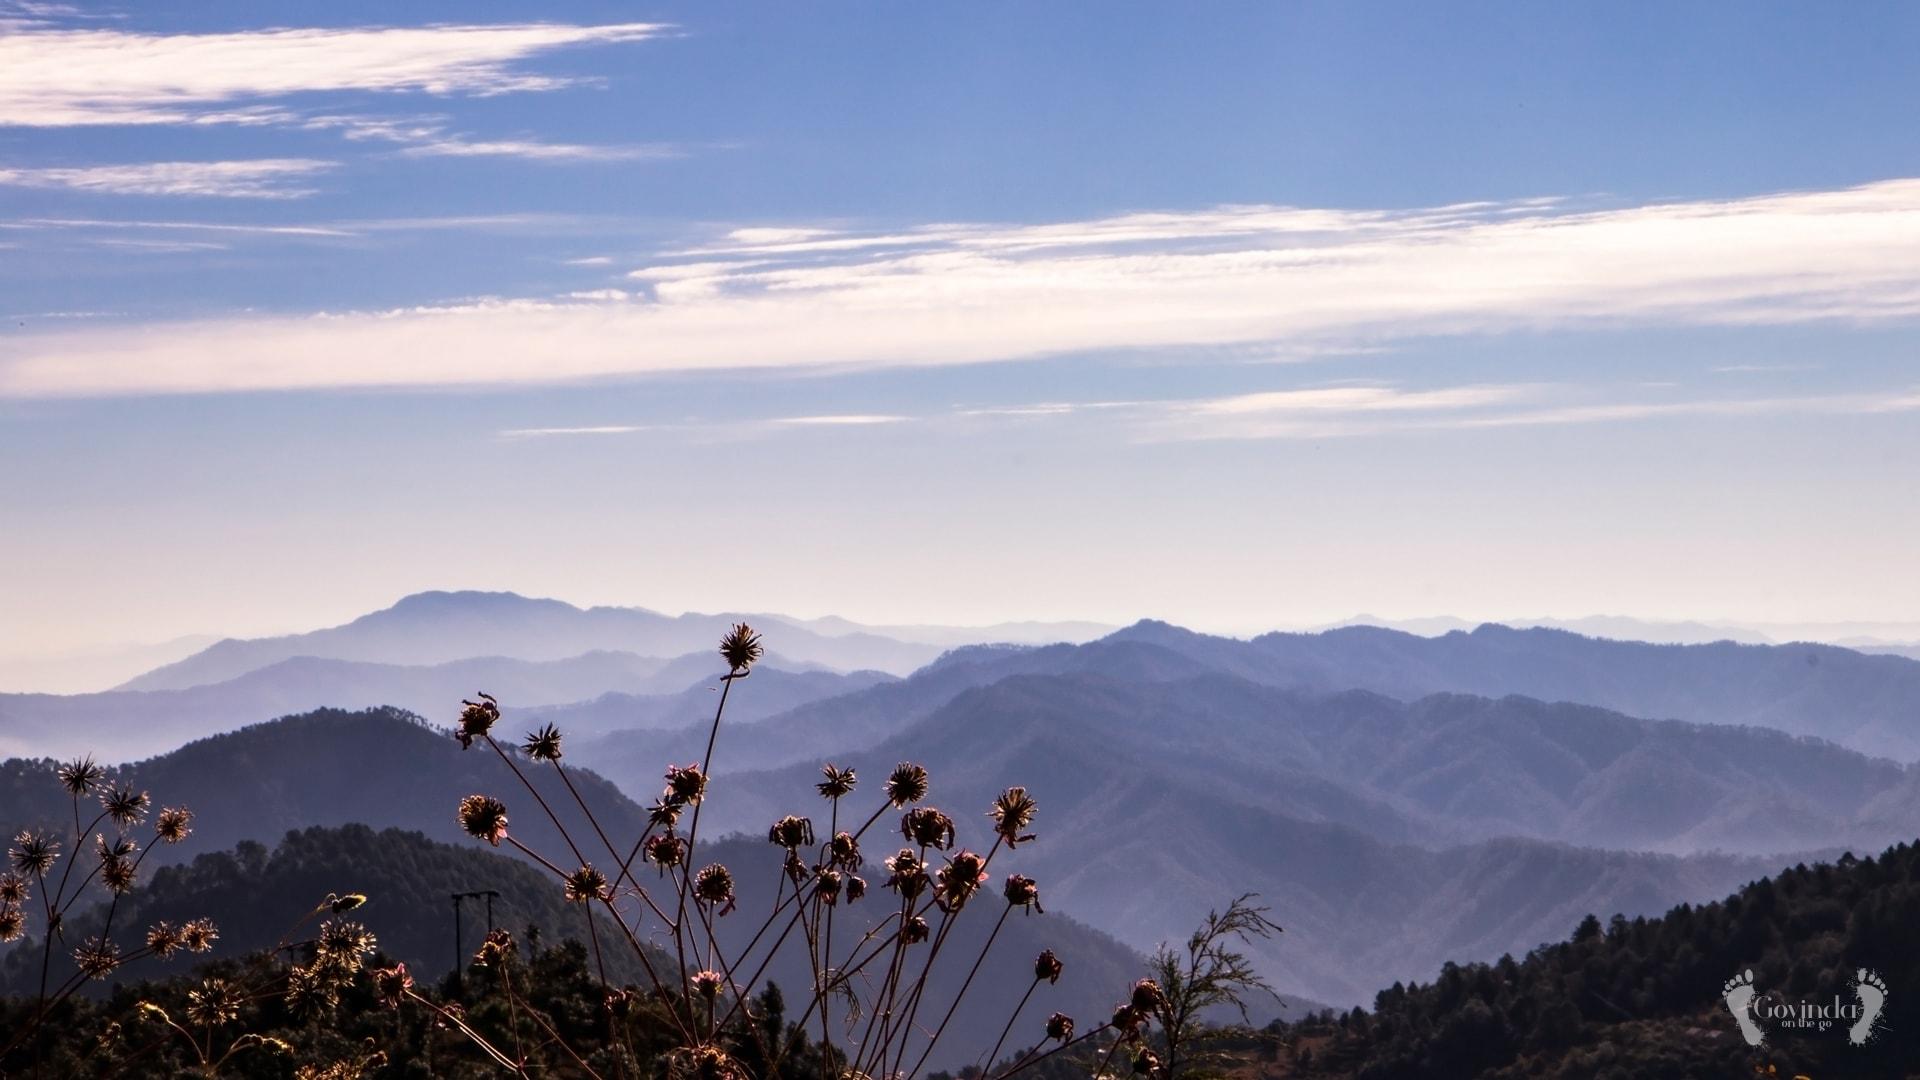 View from Dunagiri retreat center